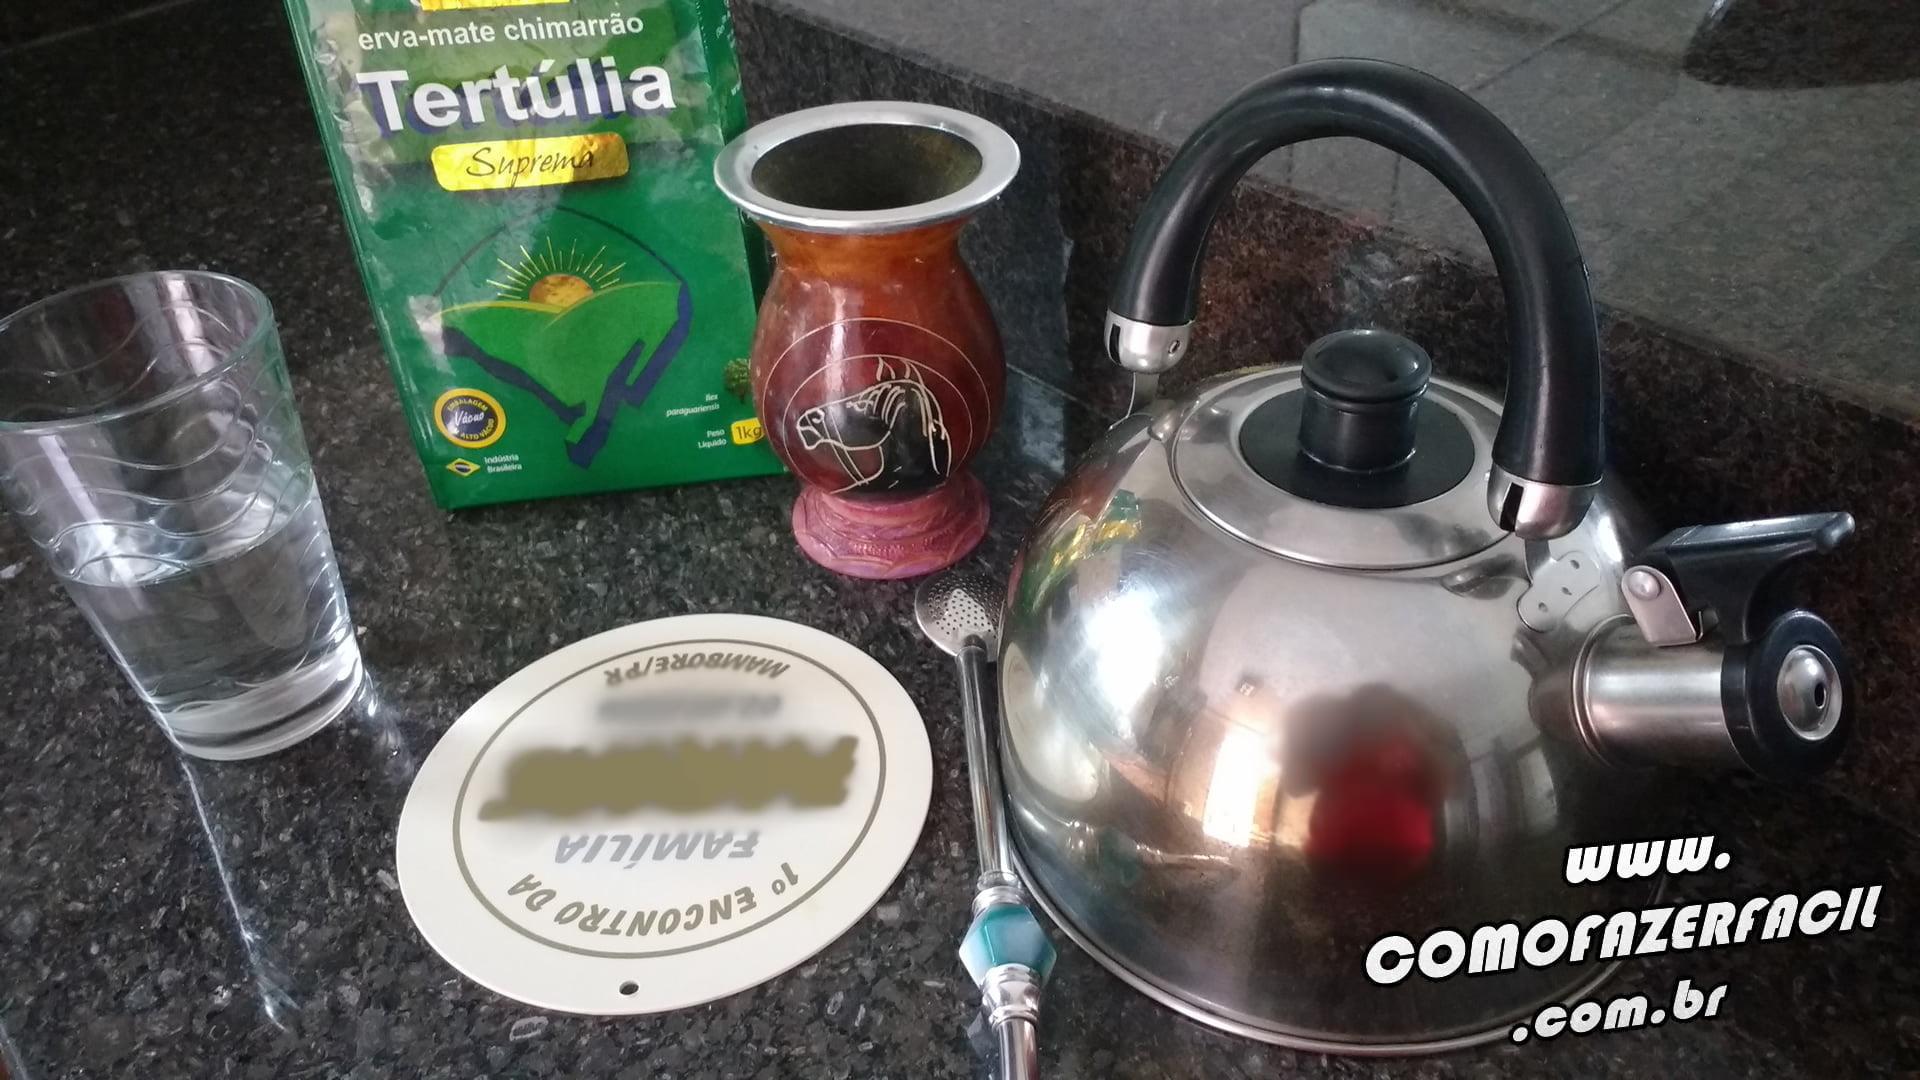 ingredientes materiais chimarrao como fazer